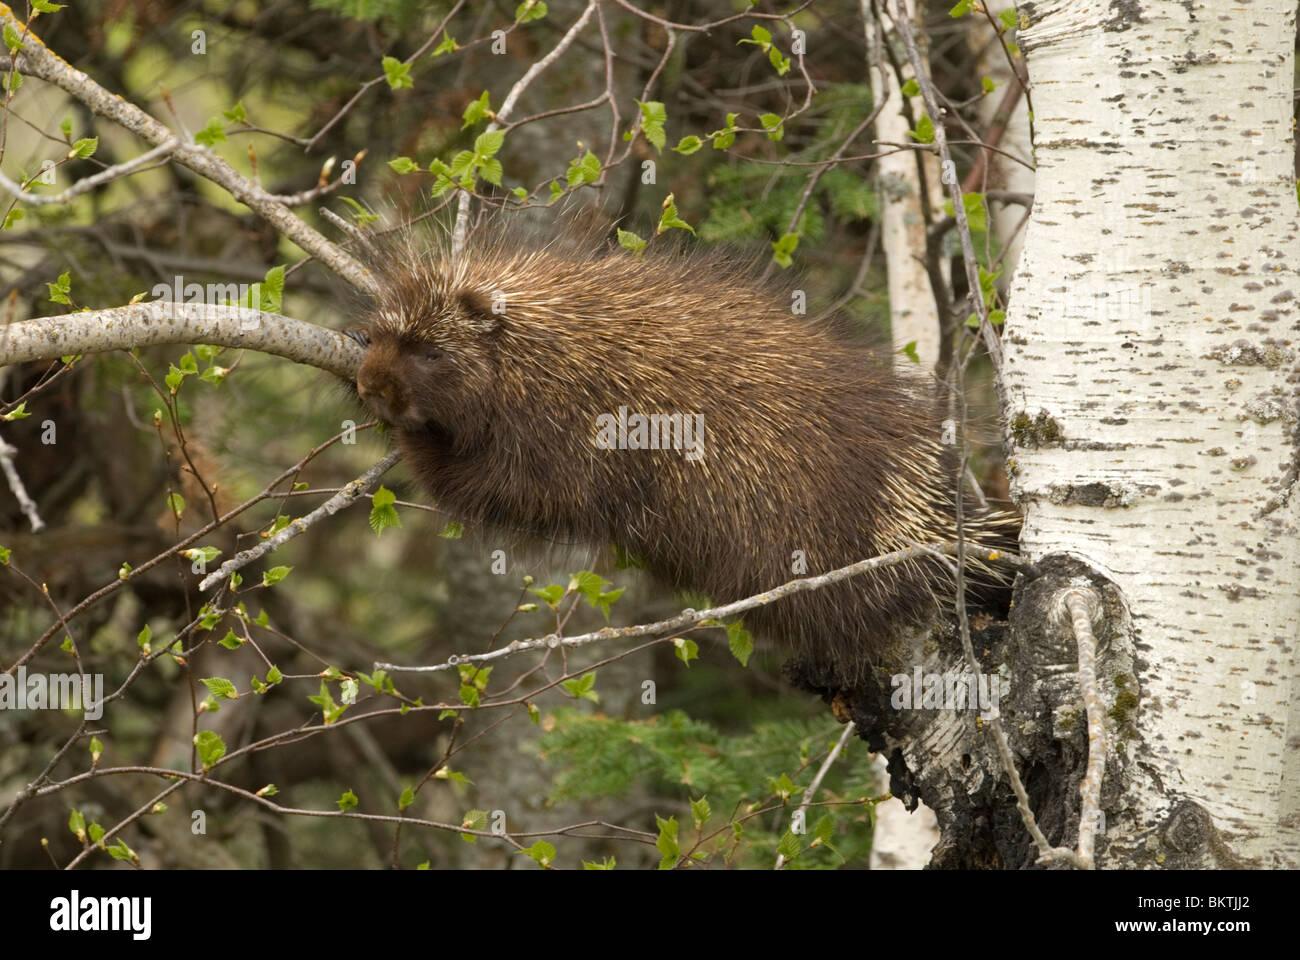 Een Noord-Amerikaans Stekelvarken liggend in een boom,A Porcupine laying in a tree. Stock Photo